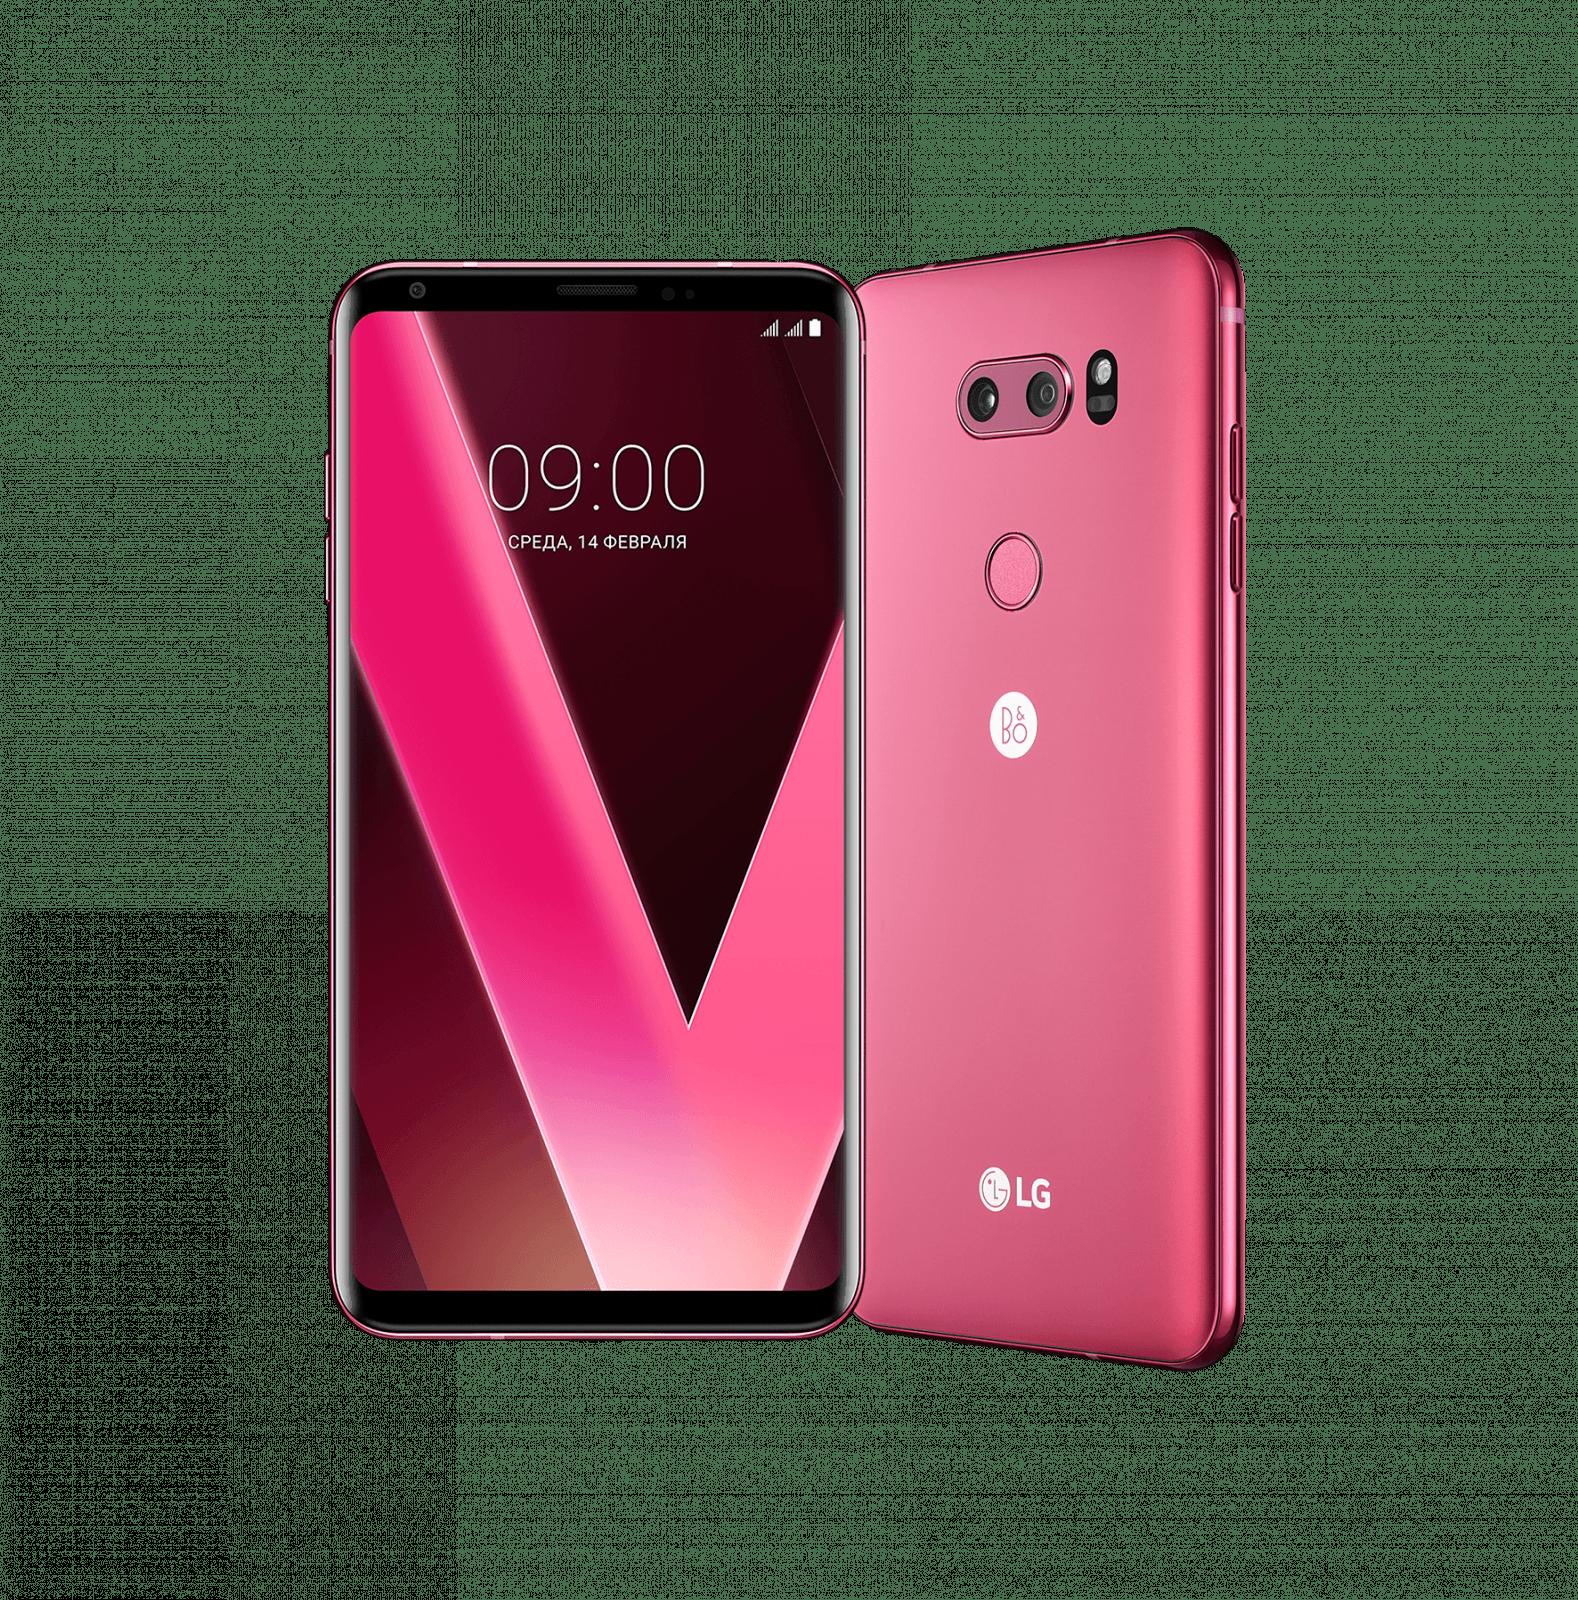 Малиновый LG V30+ вышел в России (LG V30 Pair Shot 2 RR on shot)